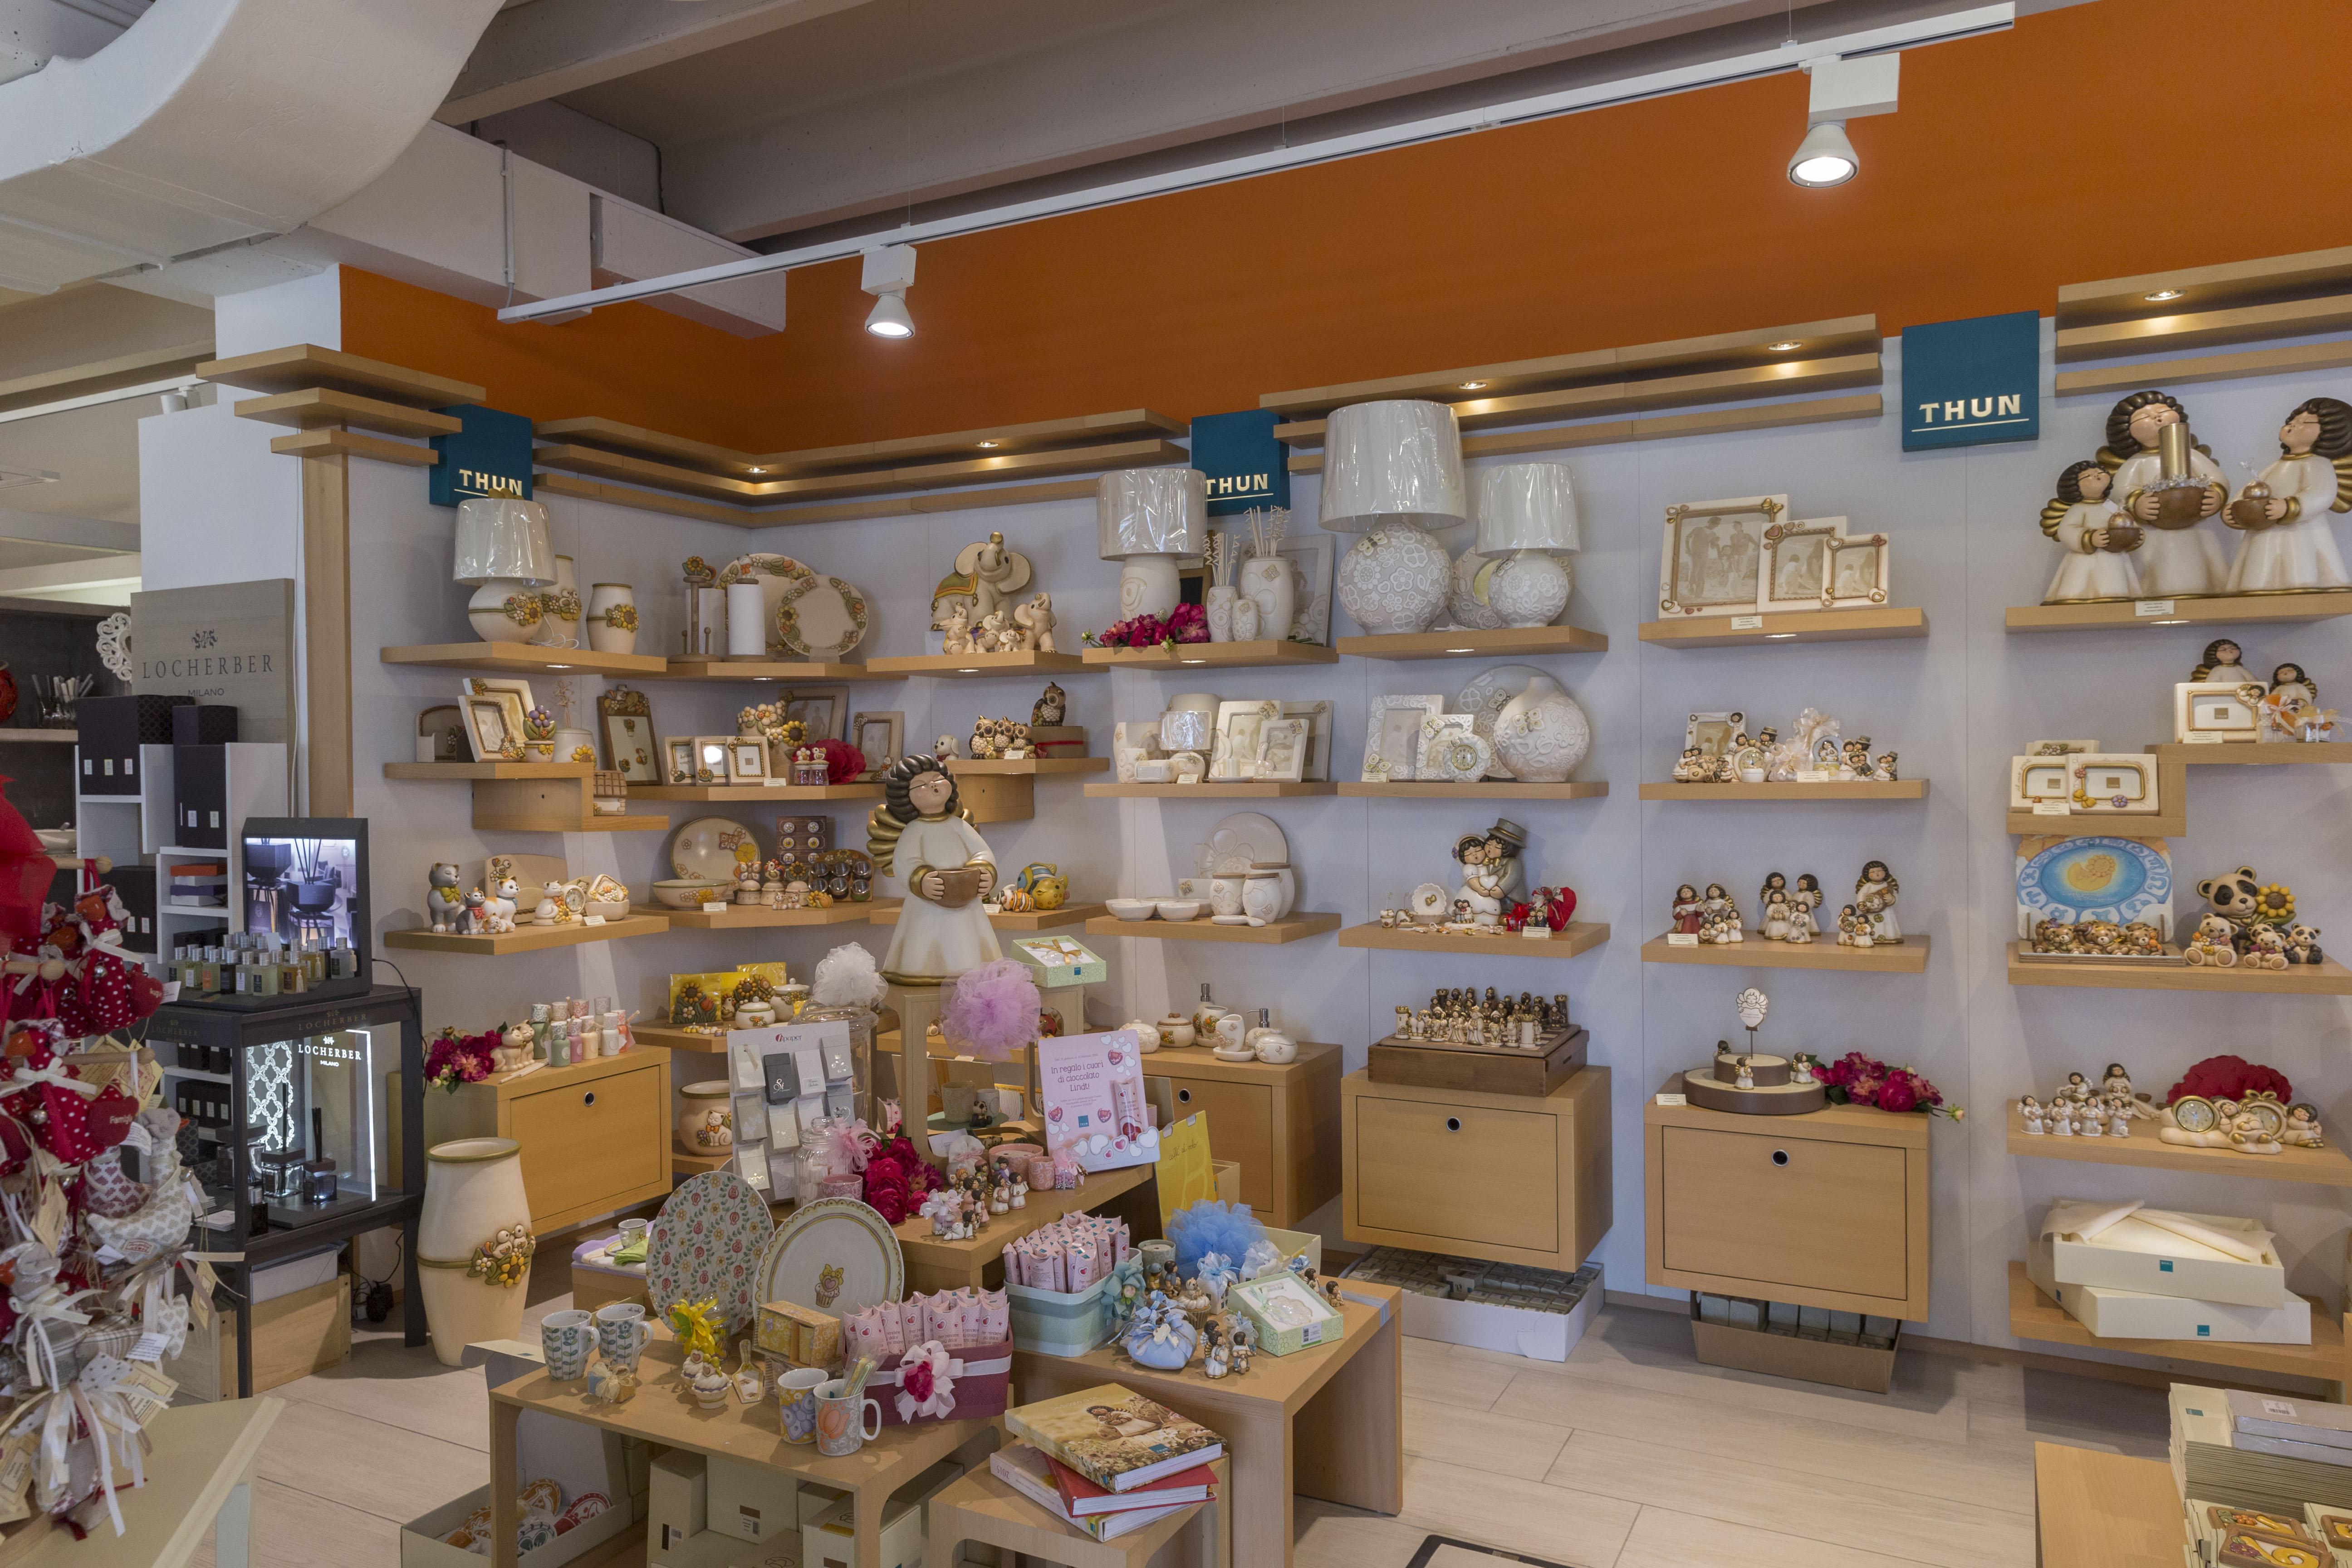 Negozi Per La Casa Milano 11ninfea negozio bomboniere e articoli per la casa a adria